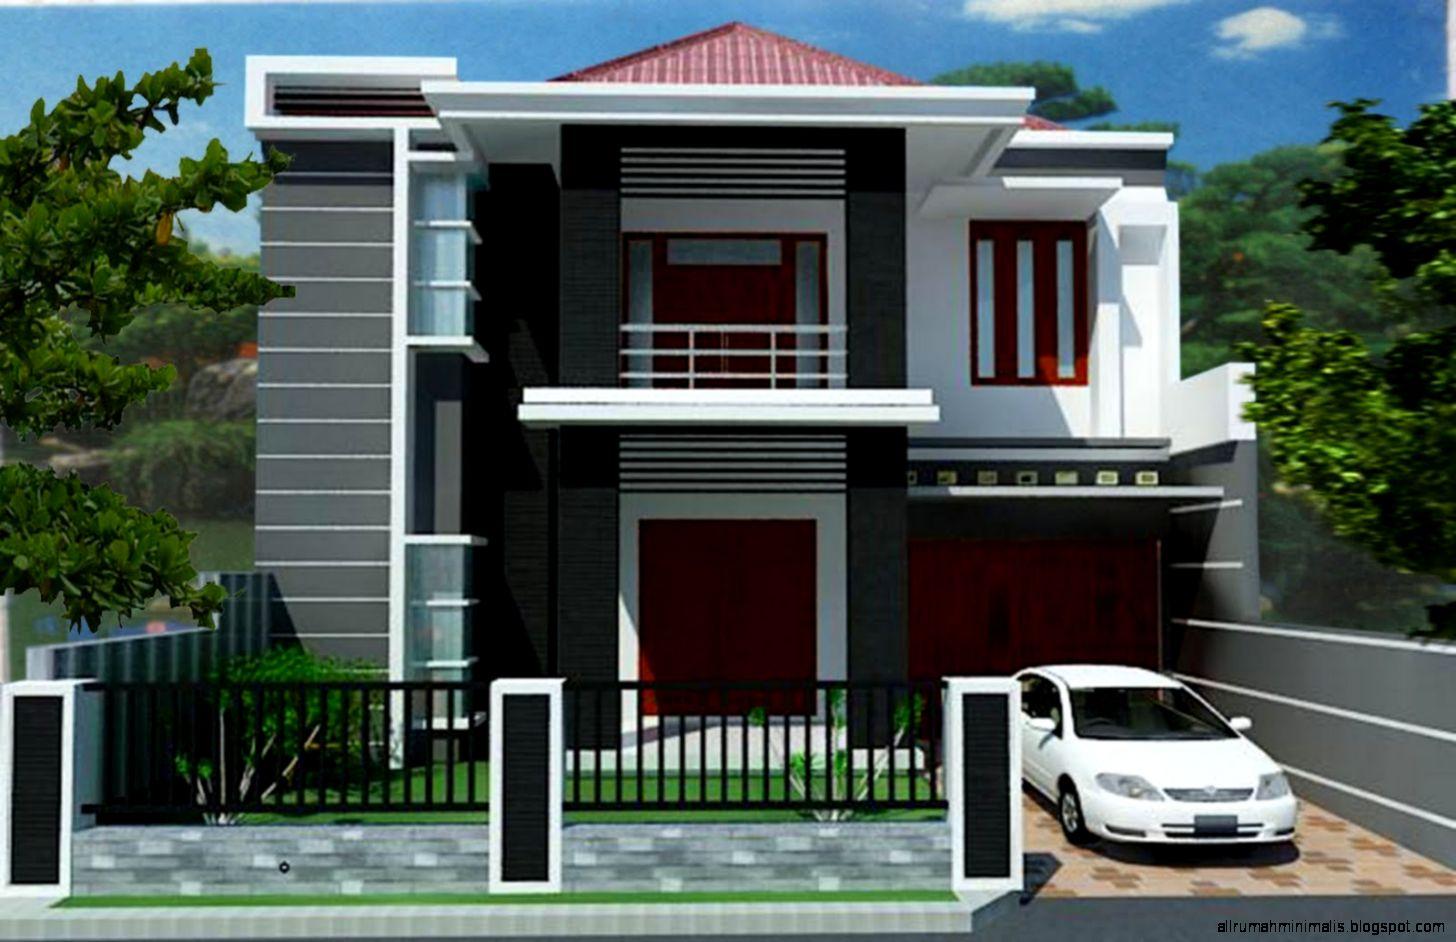 Gambar Model Rumah Minimalis 2 Lantai Seperti Yang Kita Tahu Desain